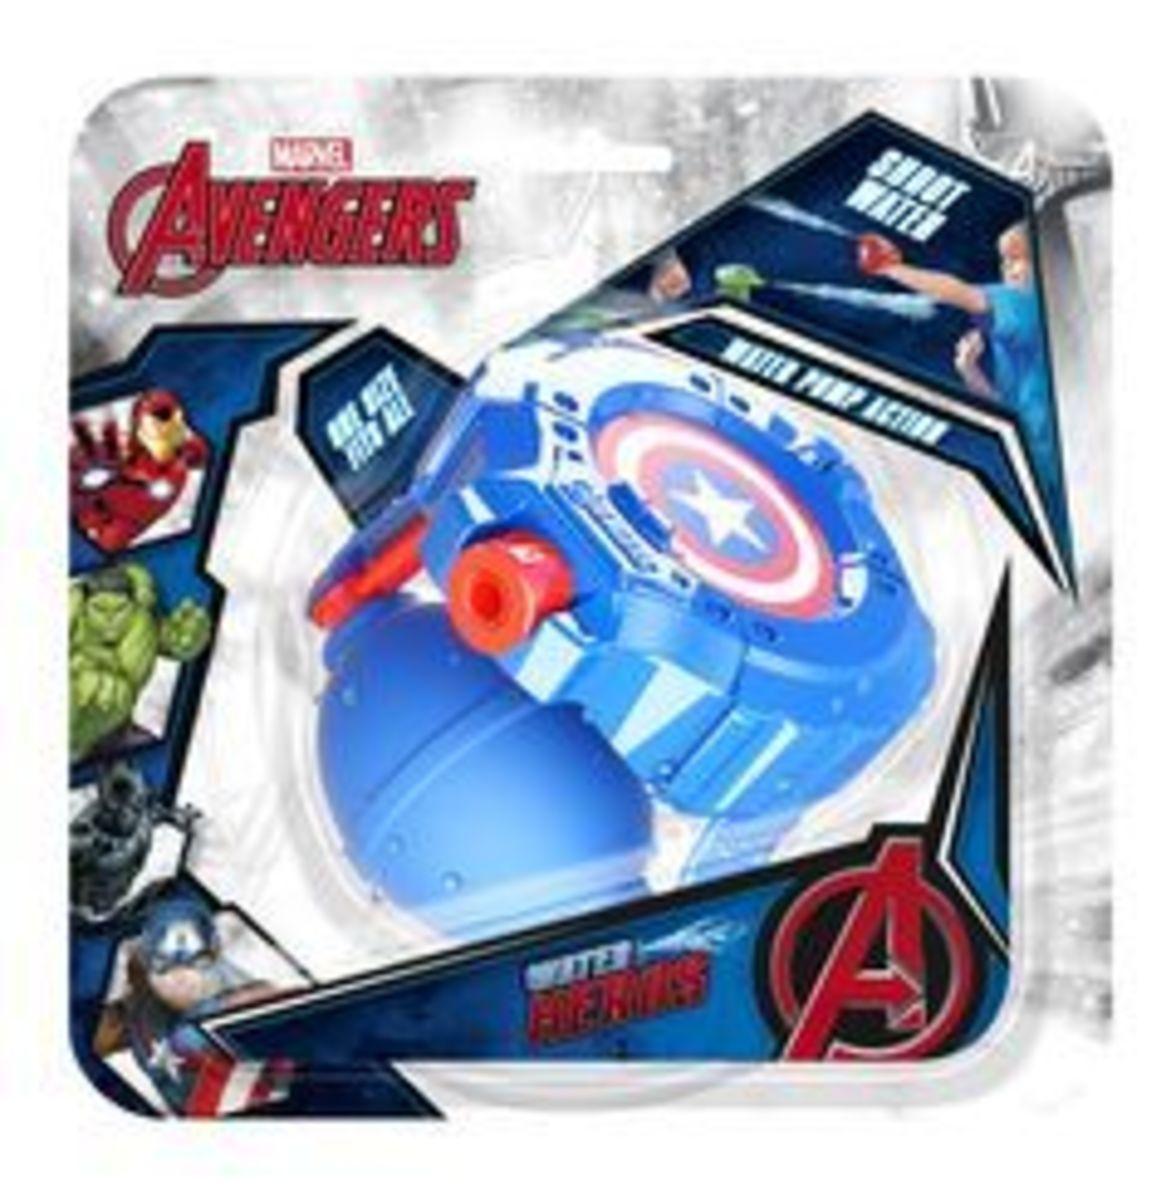 Water Hero - Captain America (Licensed by Disney)